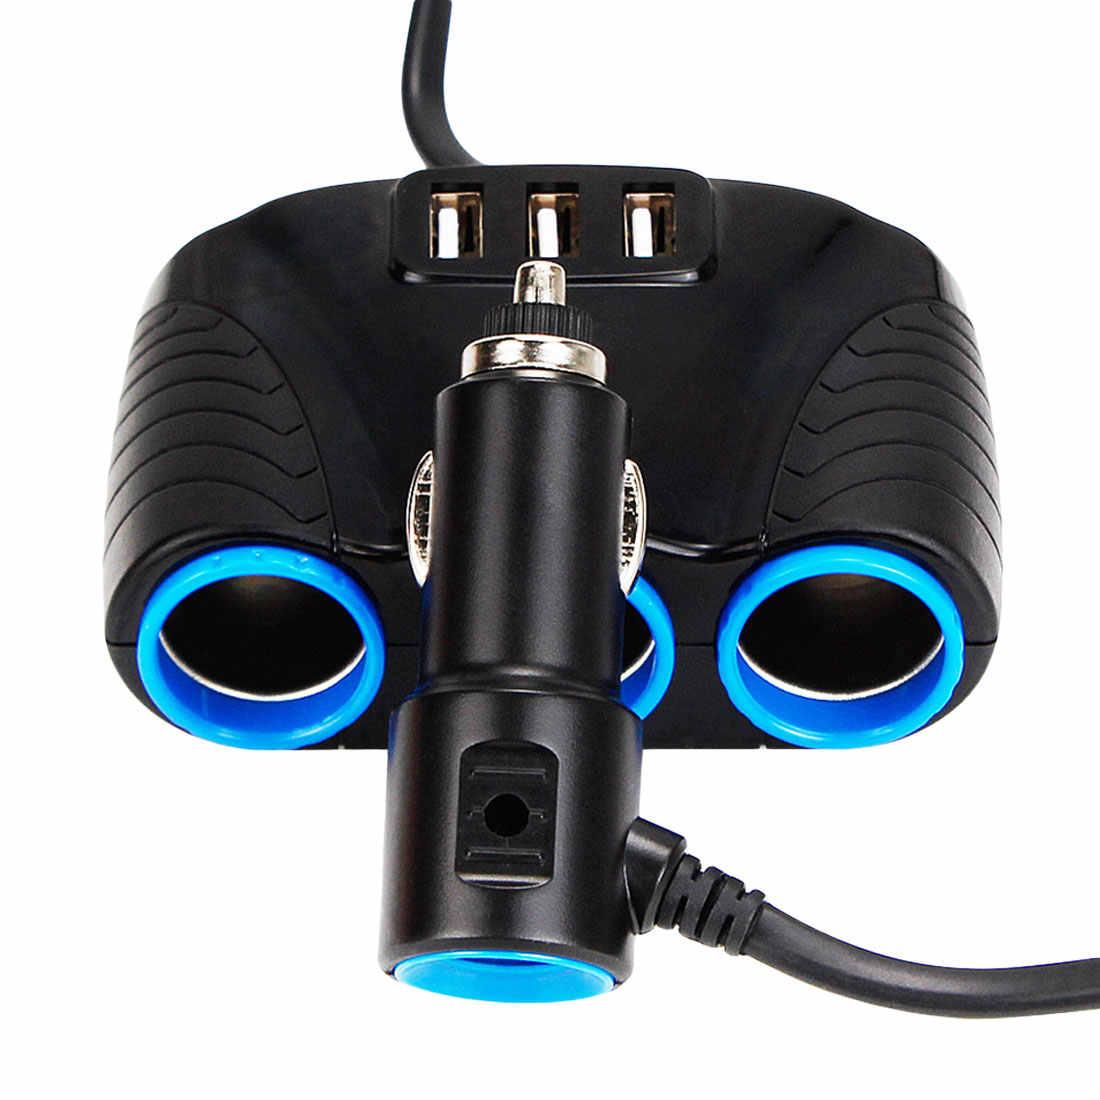 3 USB ميناء 3 الطريق 3.1A الأزرق Led سيارة ولاعة السجائر المقبس الفاصل Hub محول الطاقة 12 V-24 V ل باد الهاتف الذكي نظام GPS مزود بمسجل فيديو رقمي